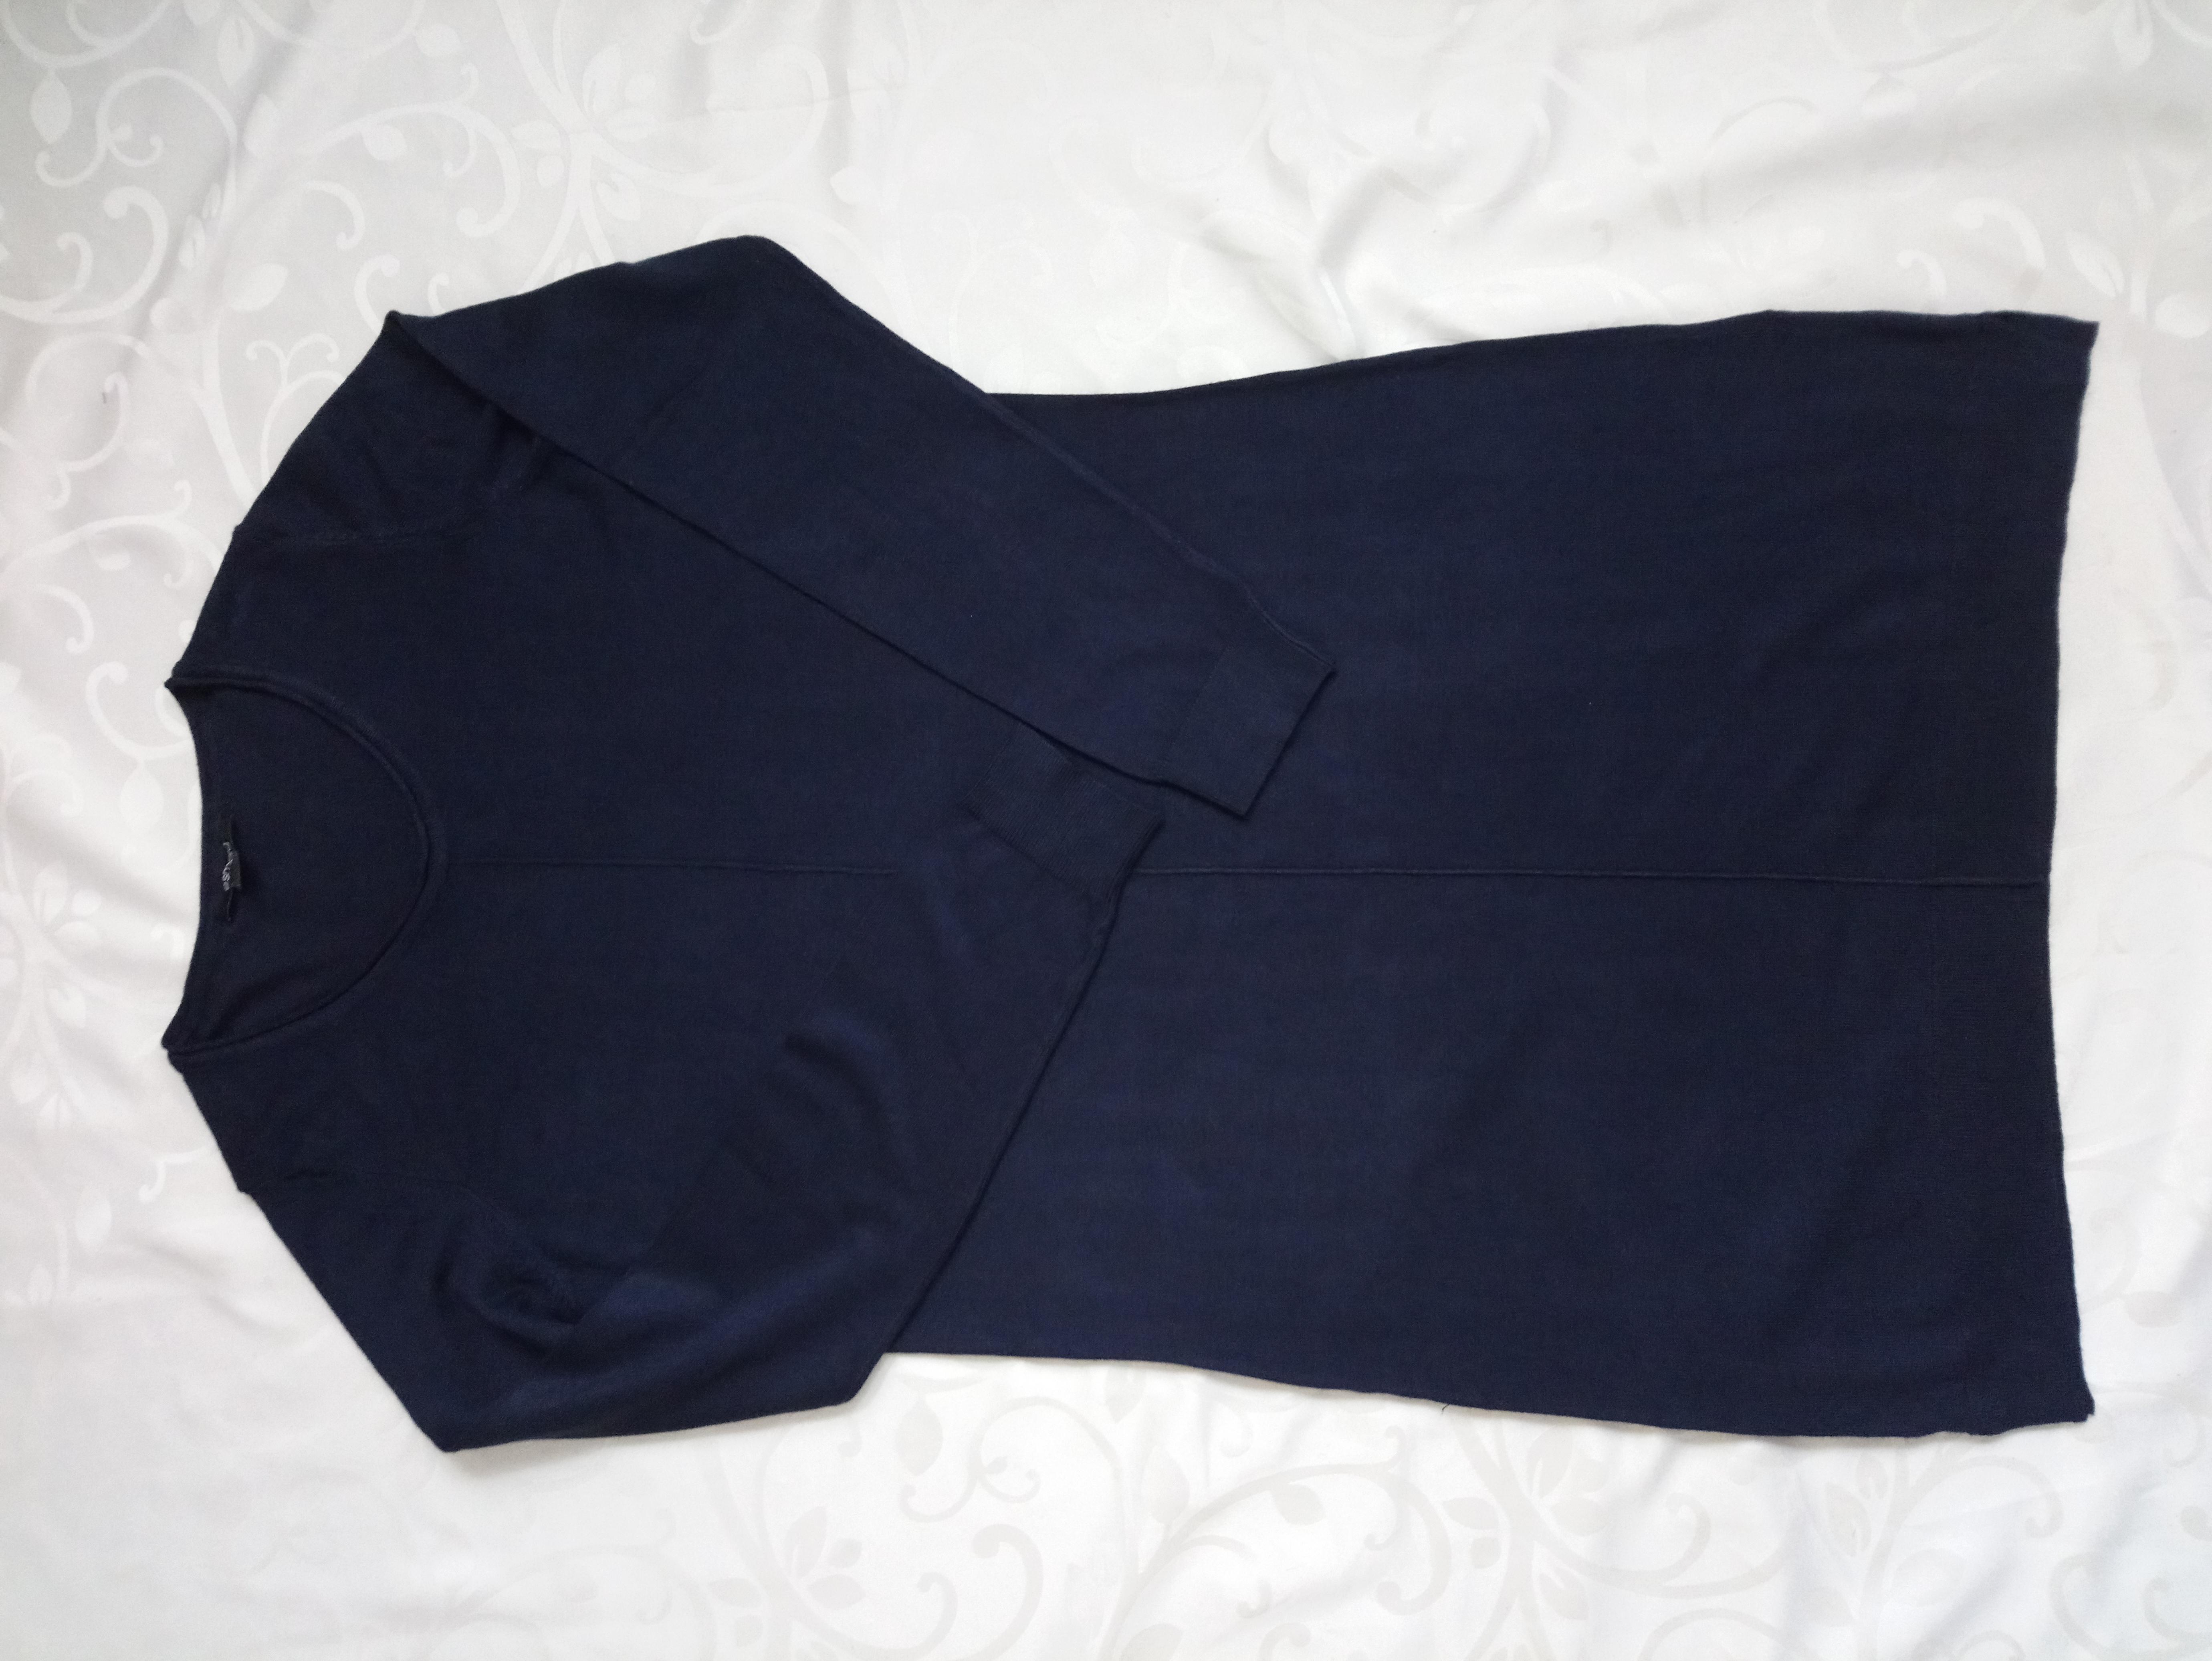 Esmara Германия Легкое свободное вязанное платье Евроразмер 40/42